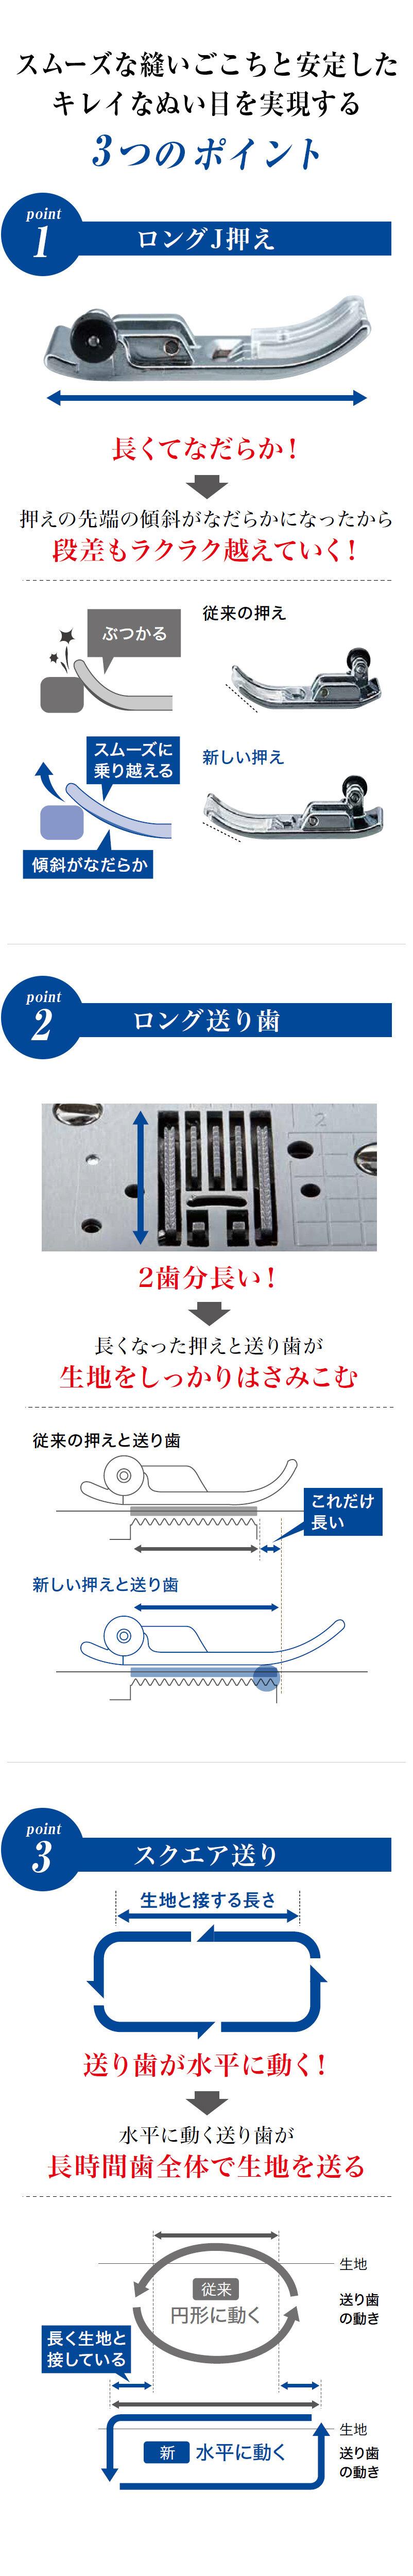 ブラザーコンピューターミシンLS800